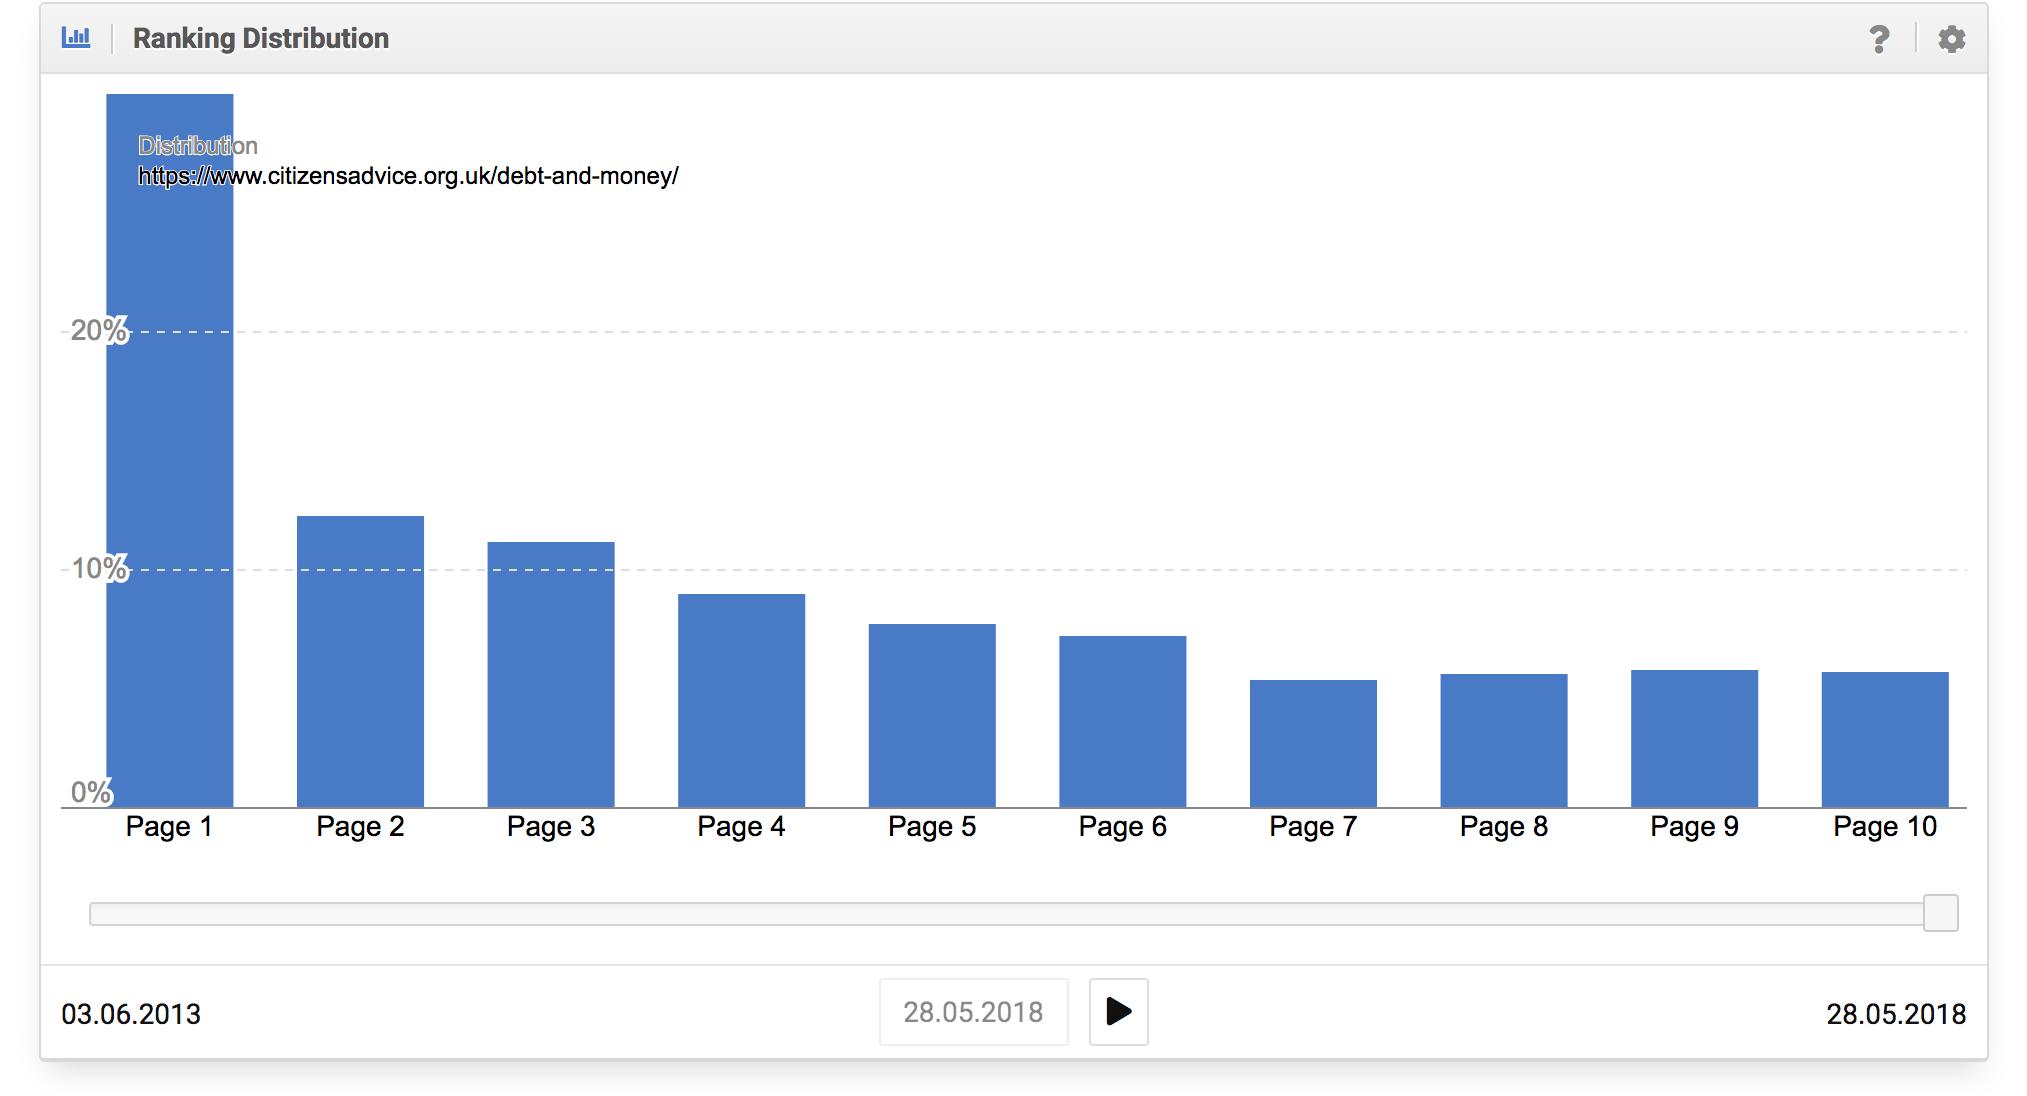 Buena distribución de los rankings del dominio citizensadvice.org.uk